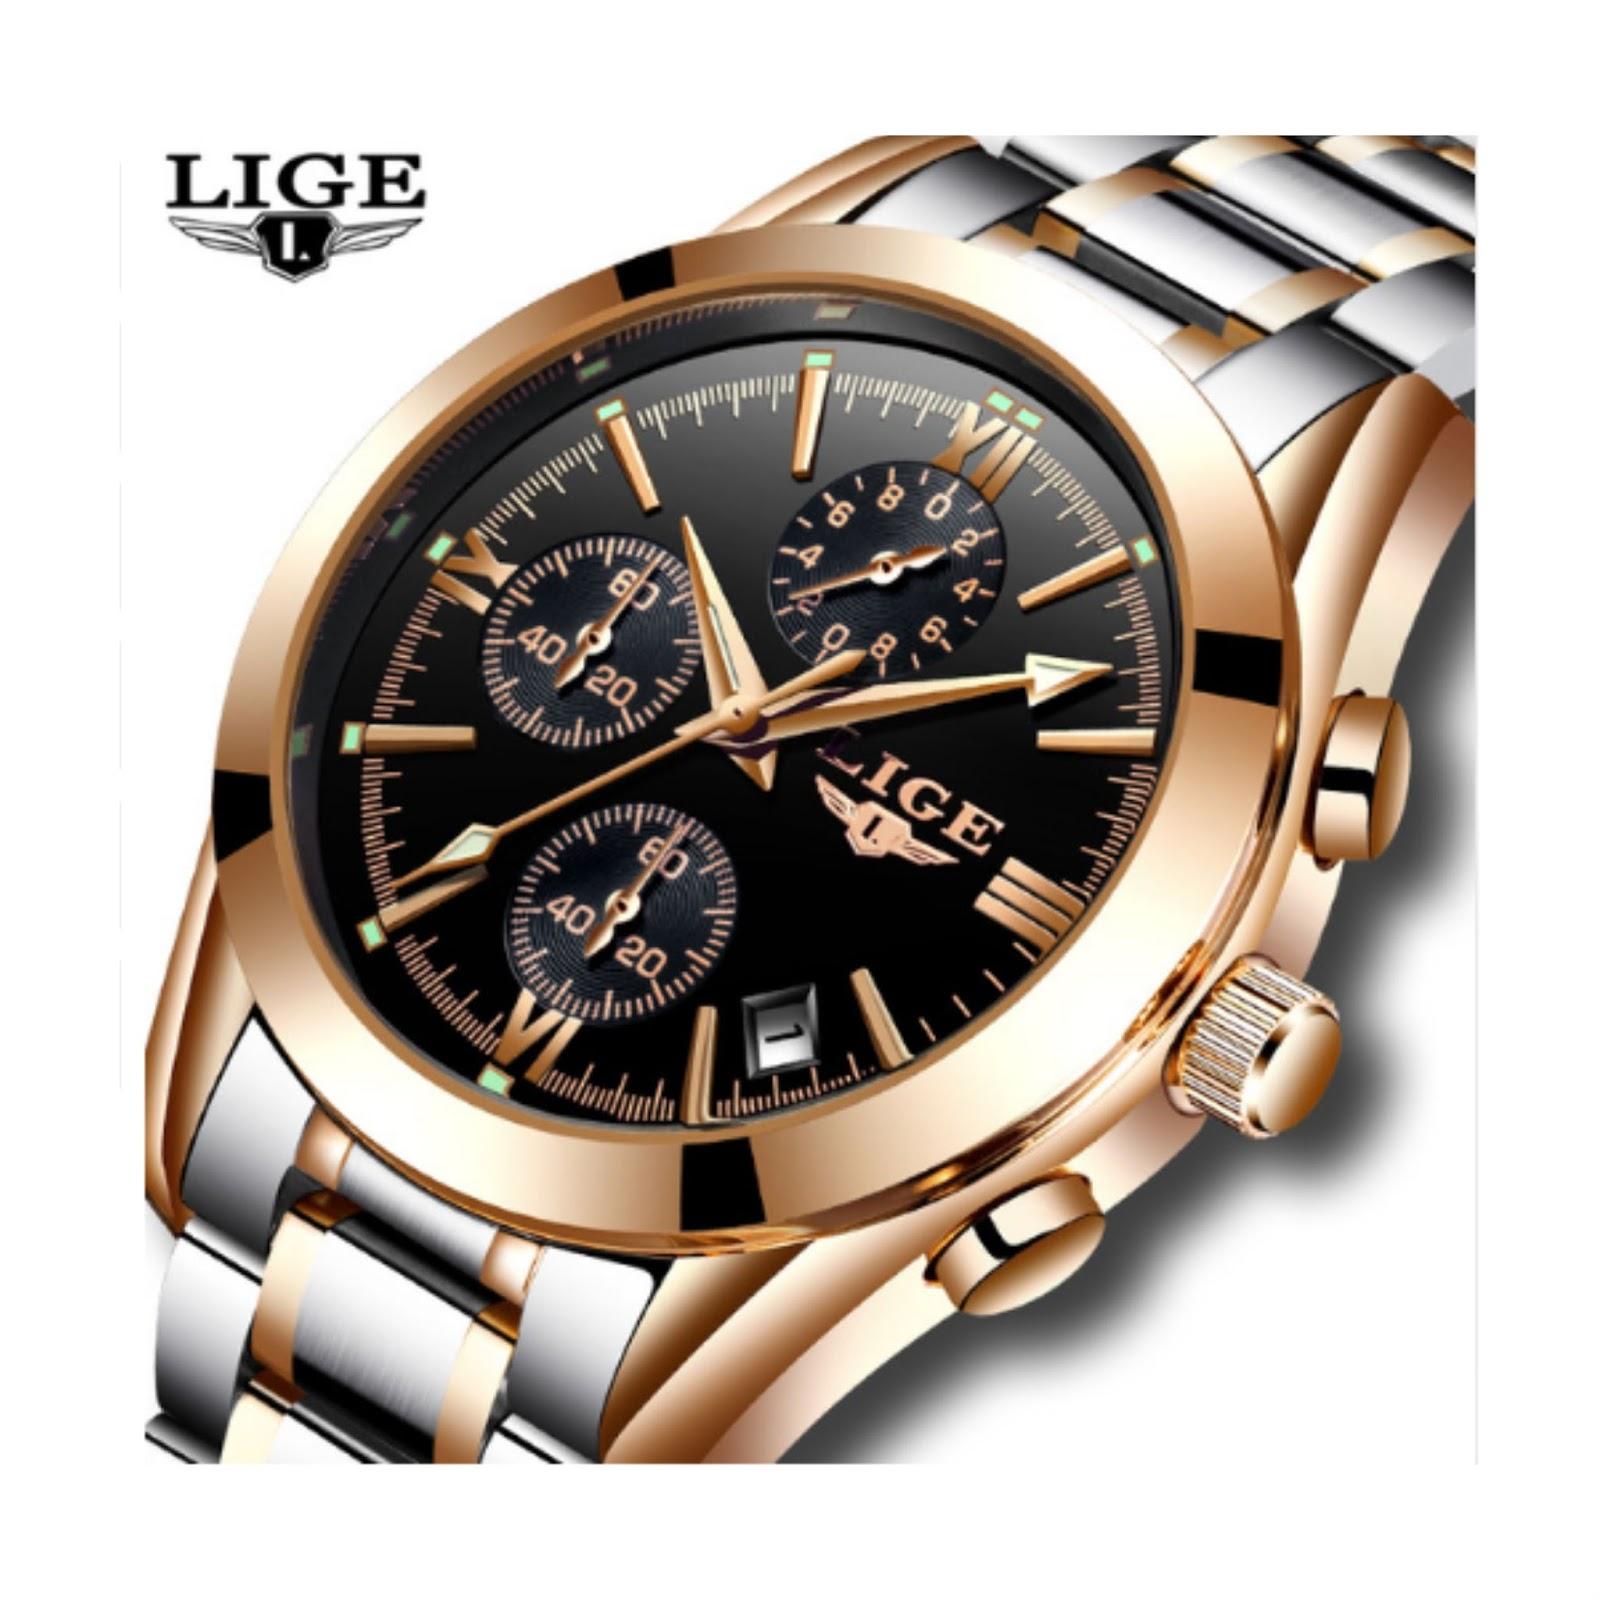 4c714e97dd0 Relogio Masculino de Luxo. - ONLY STORE